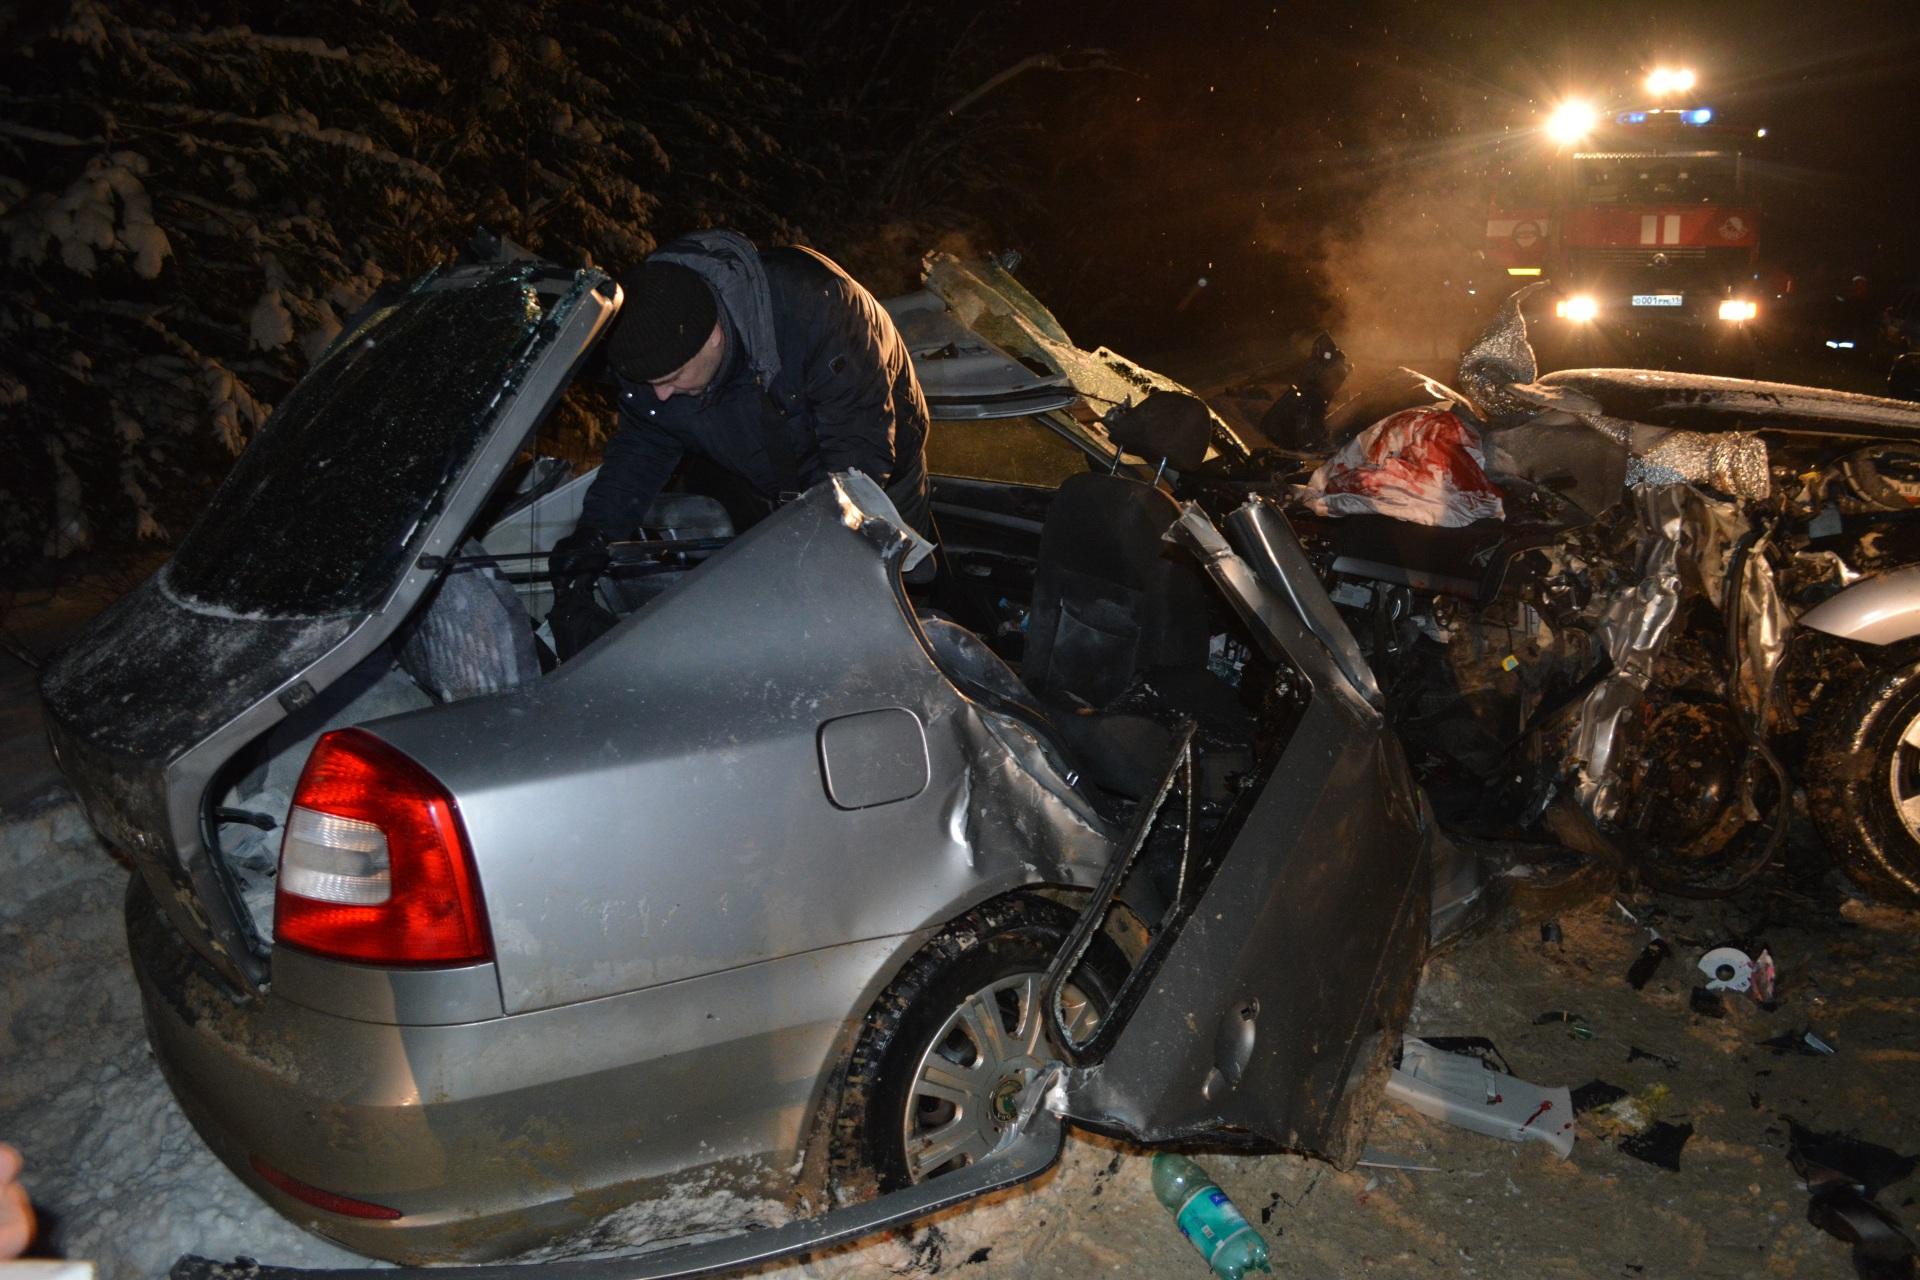 """Один человек погиб, семеро  пострадали в автомобильной аварии на трассе """"Вятка"""" в Коми /подробности/"""